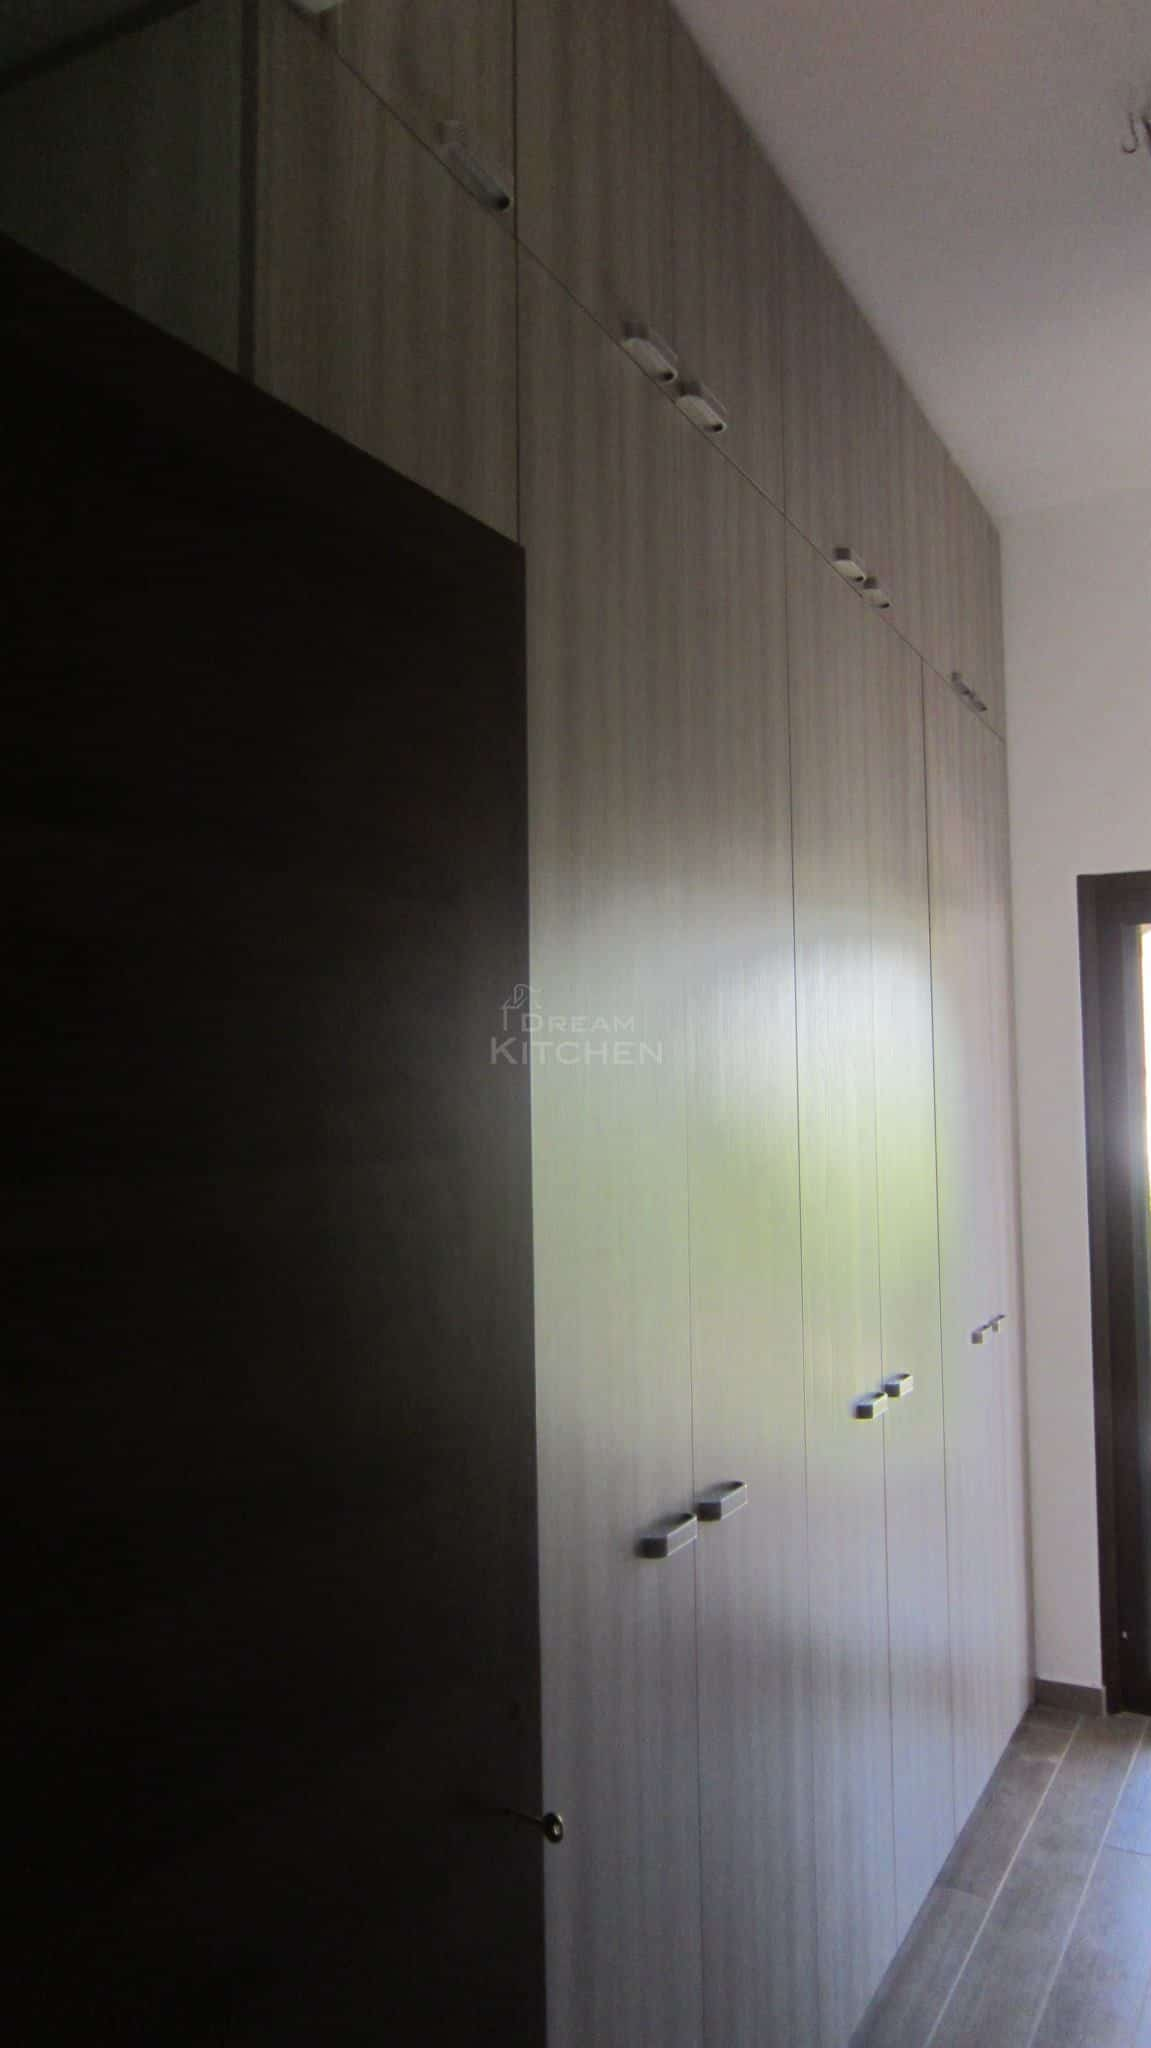 Πλήρης επίπλωση κατοικίας ντουλαπα βακελιτη 25